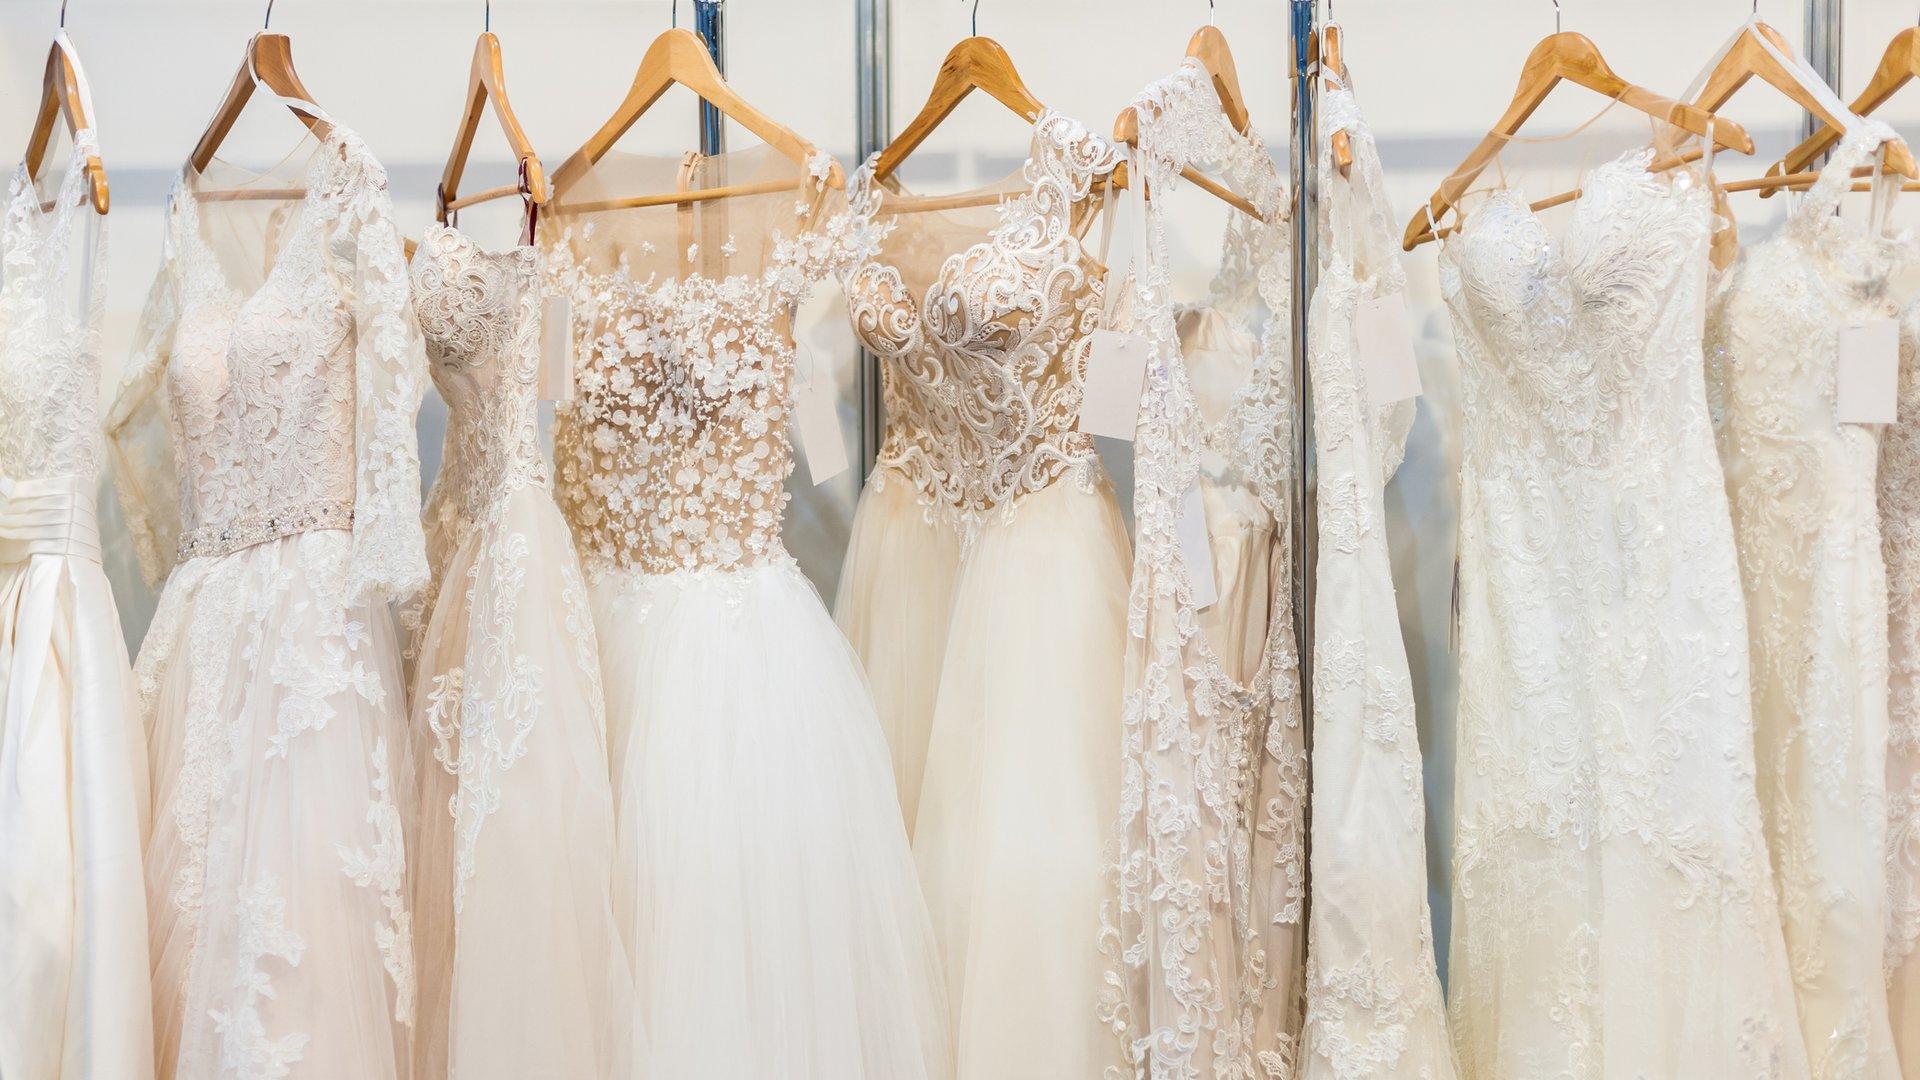 Brautkleid Spenden Fur Sternenkinder Hilfe Nach Der Hochzeit Familie De